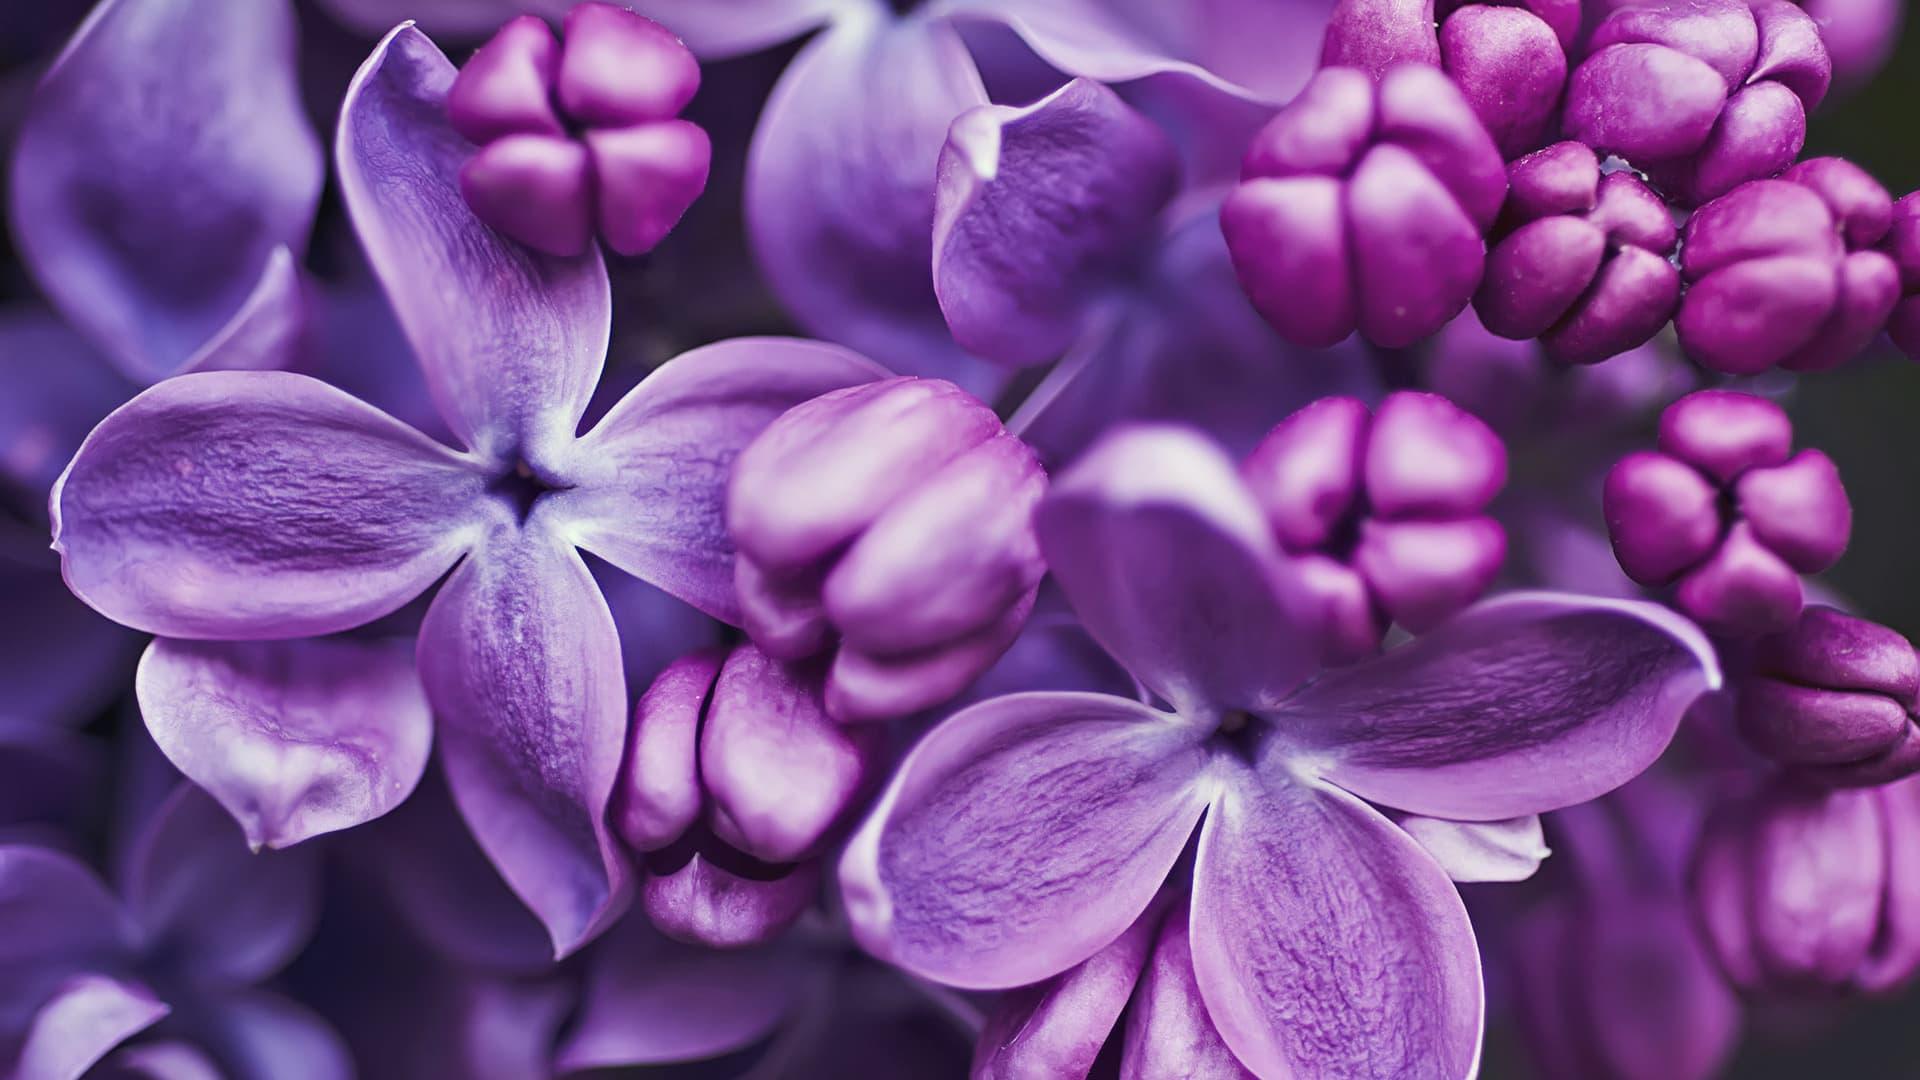 любил был картинки в лиловом цвете фото верху справа должны